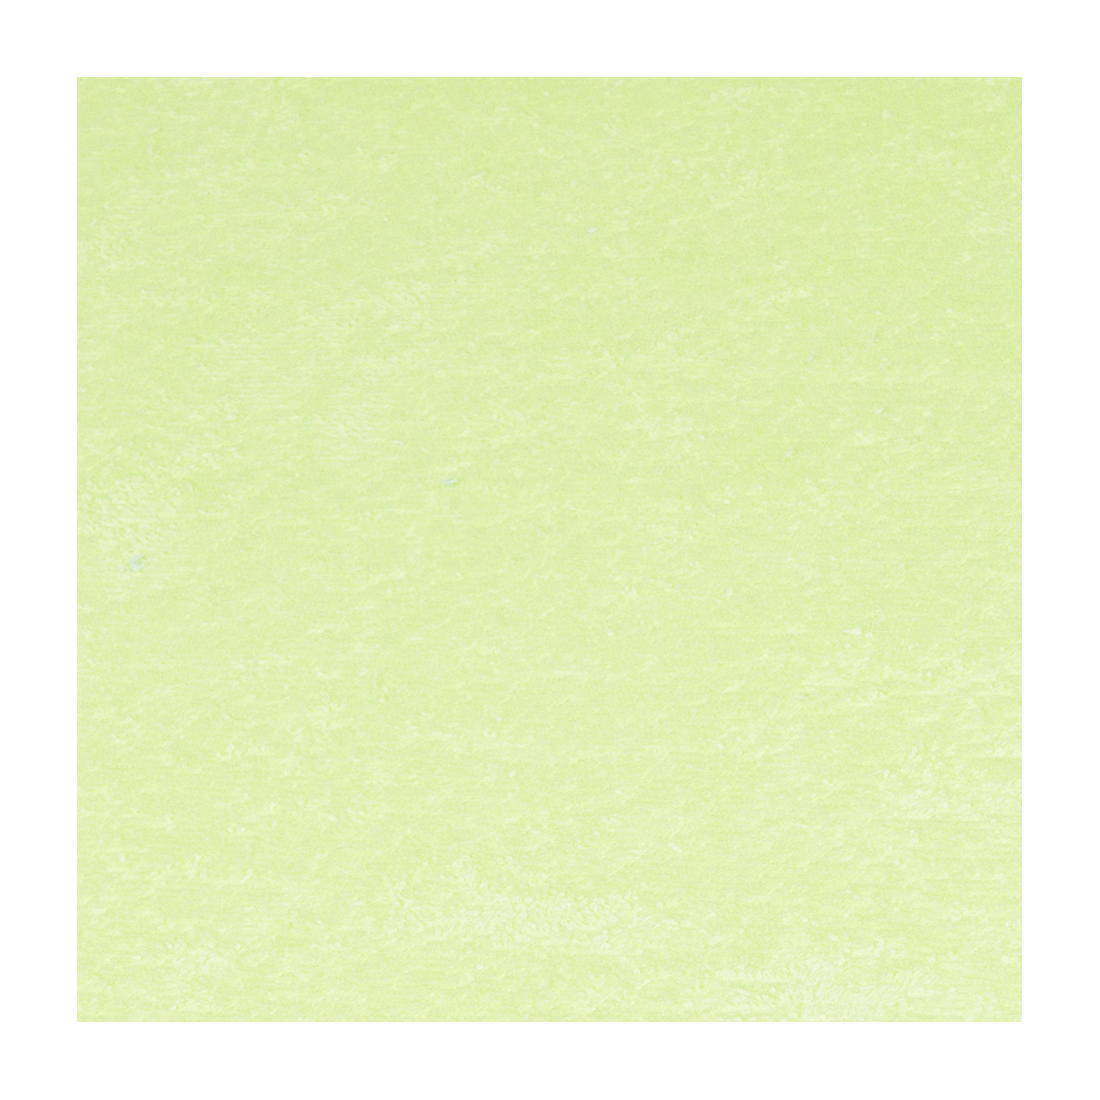 NP froté podkova 200x37 Z, zelená